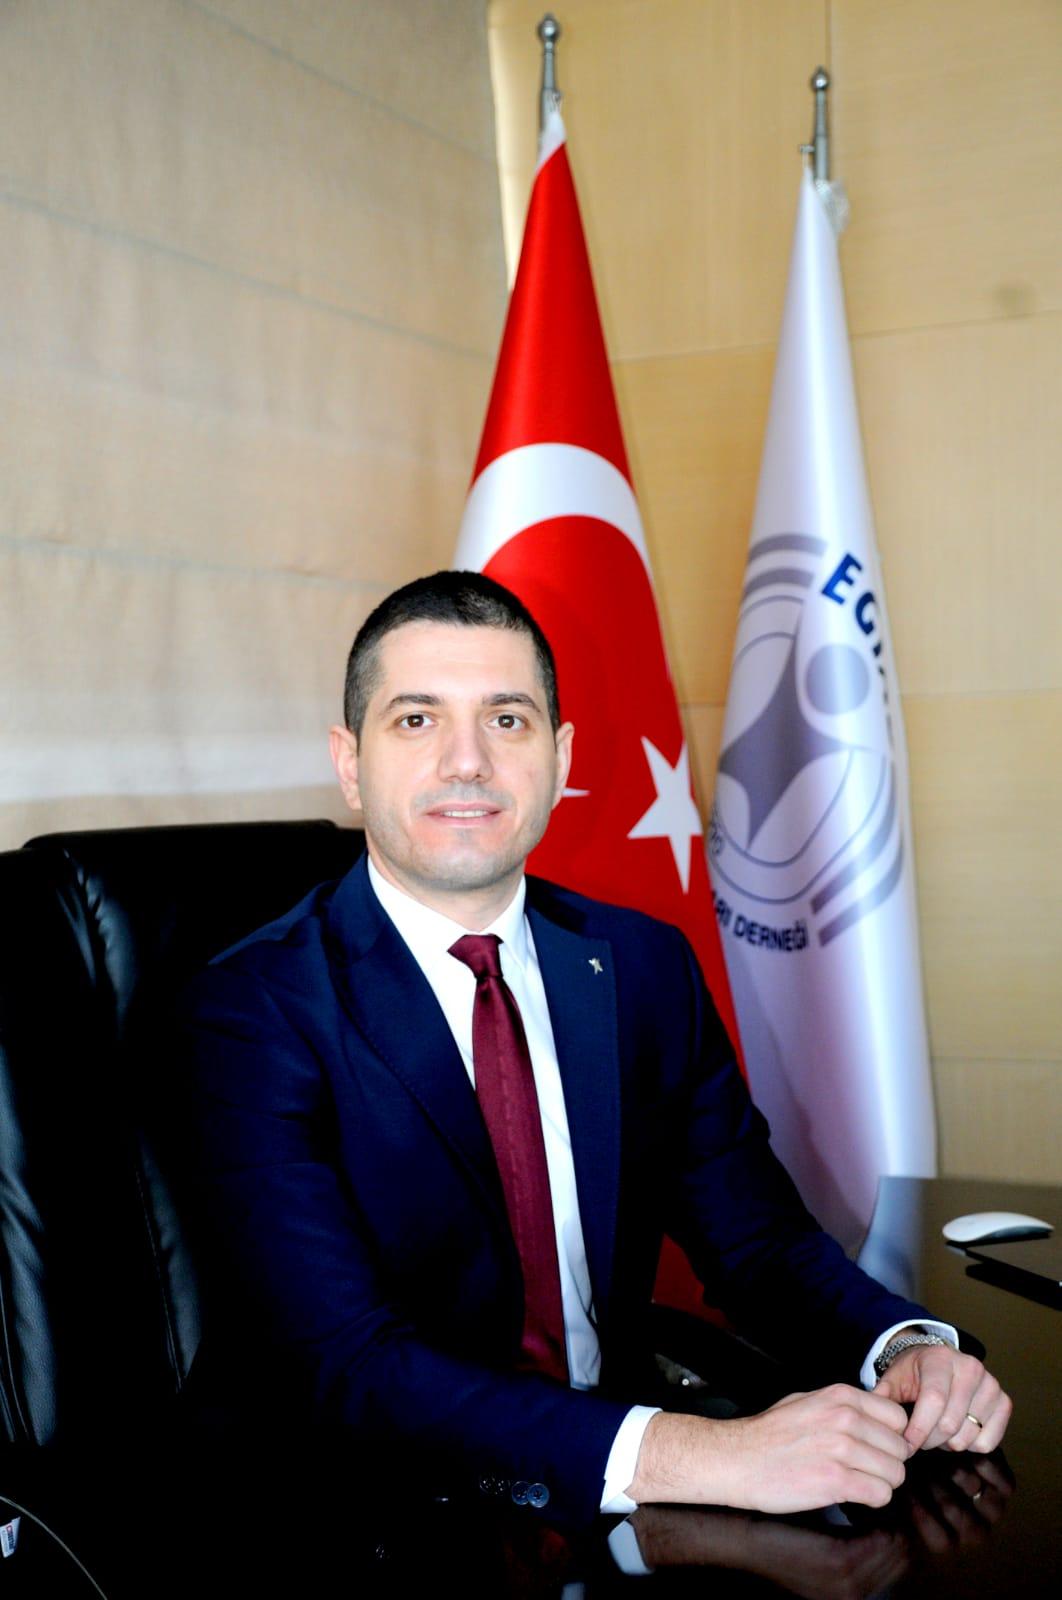 Türkiye Cumhuriyeti Genç Fikirlerde Yükselecektir